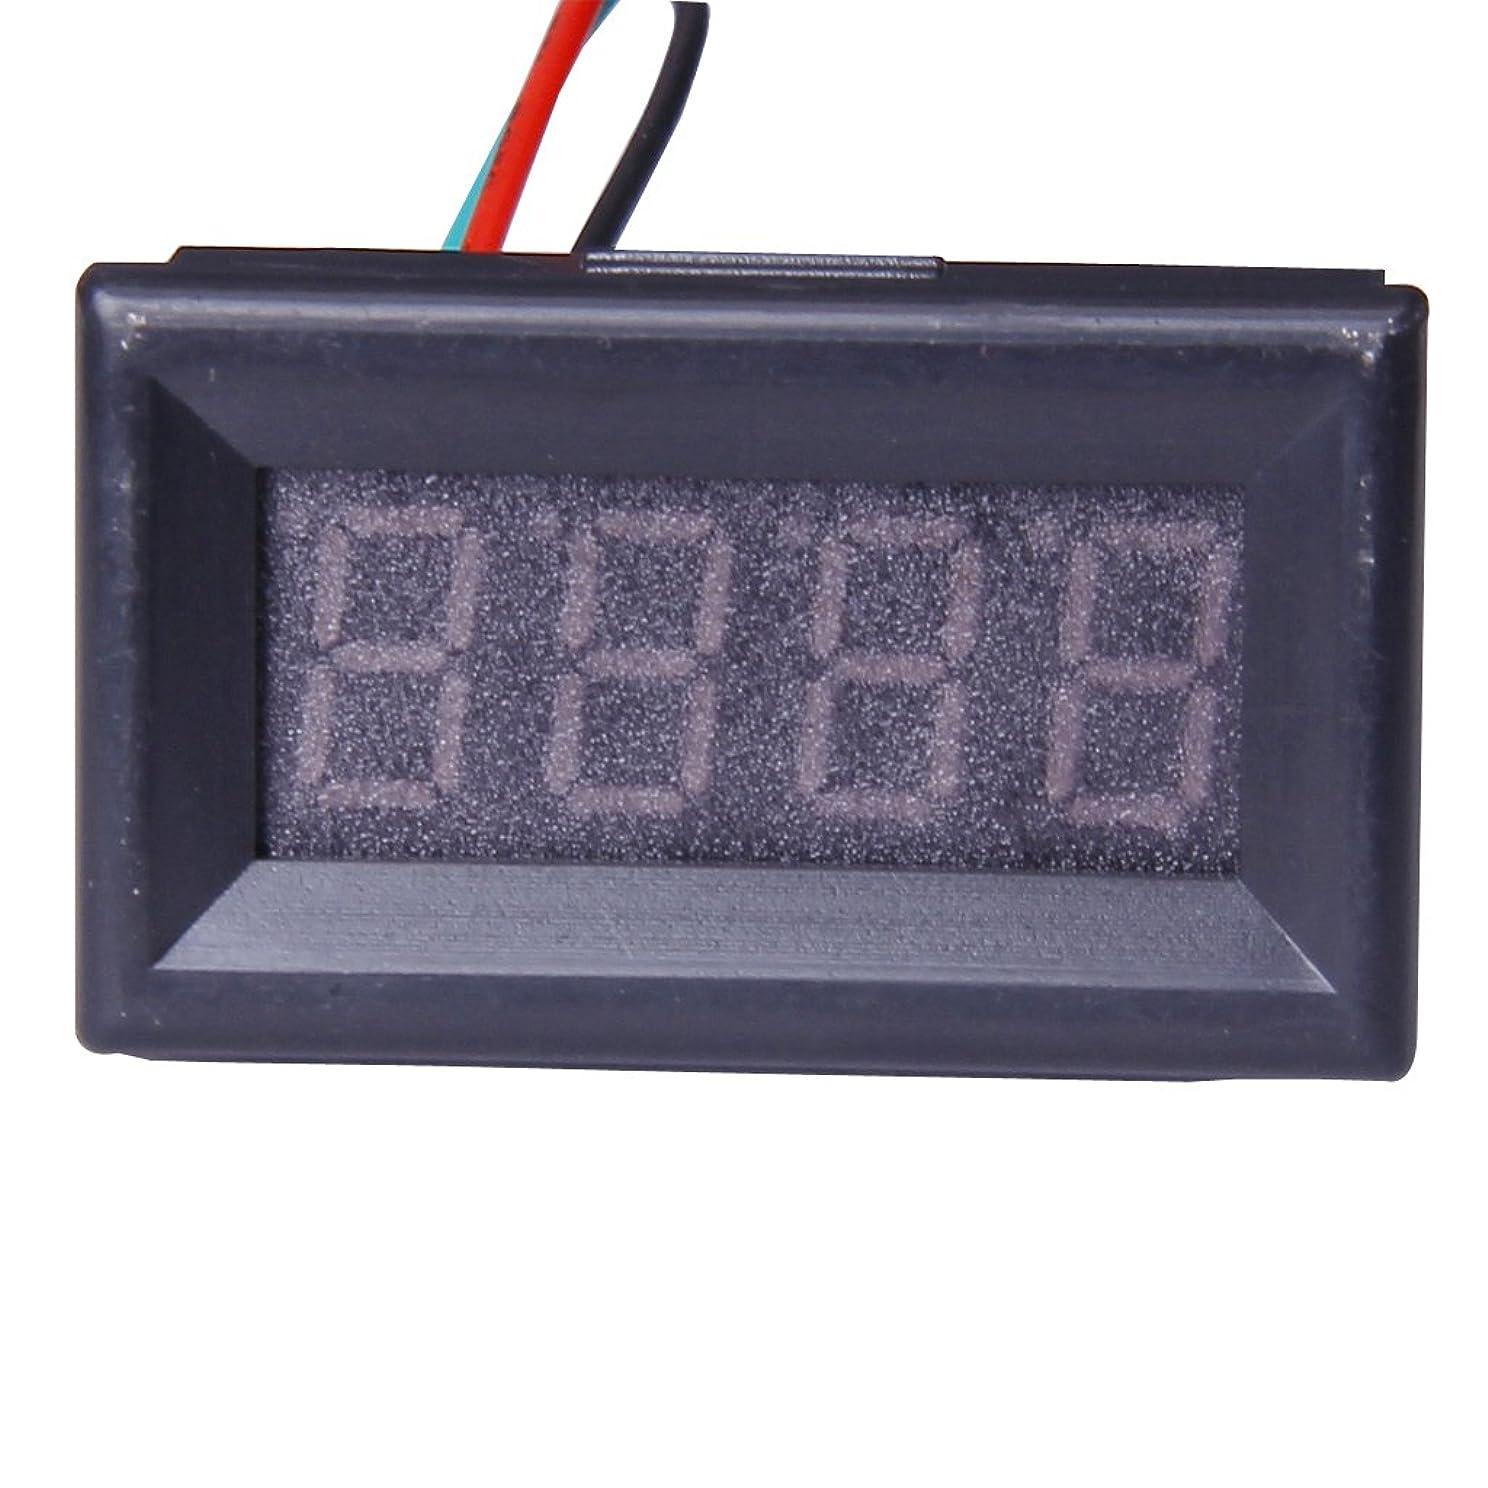 ボイコット励起割合【ノーブランド品】レッド0.36inch 4桁デジタル電圧計、LED、DC 7~30V車オートバイ